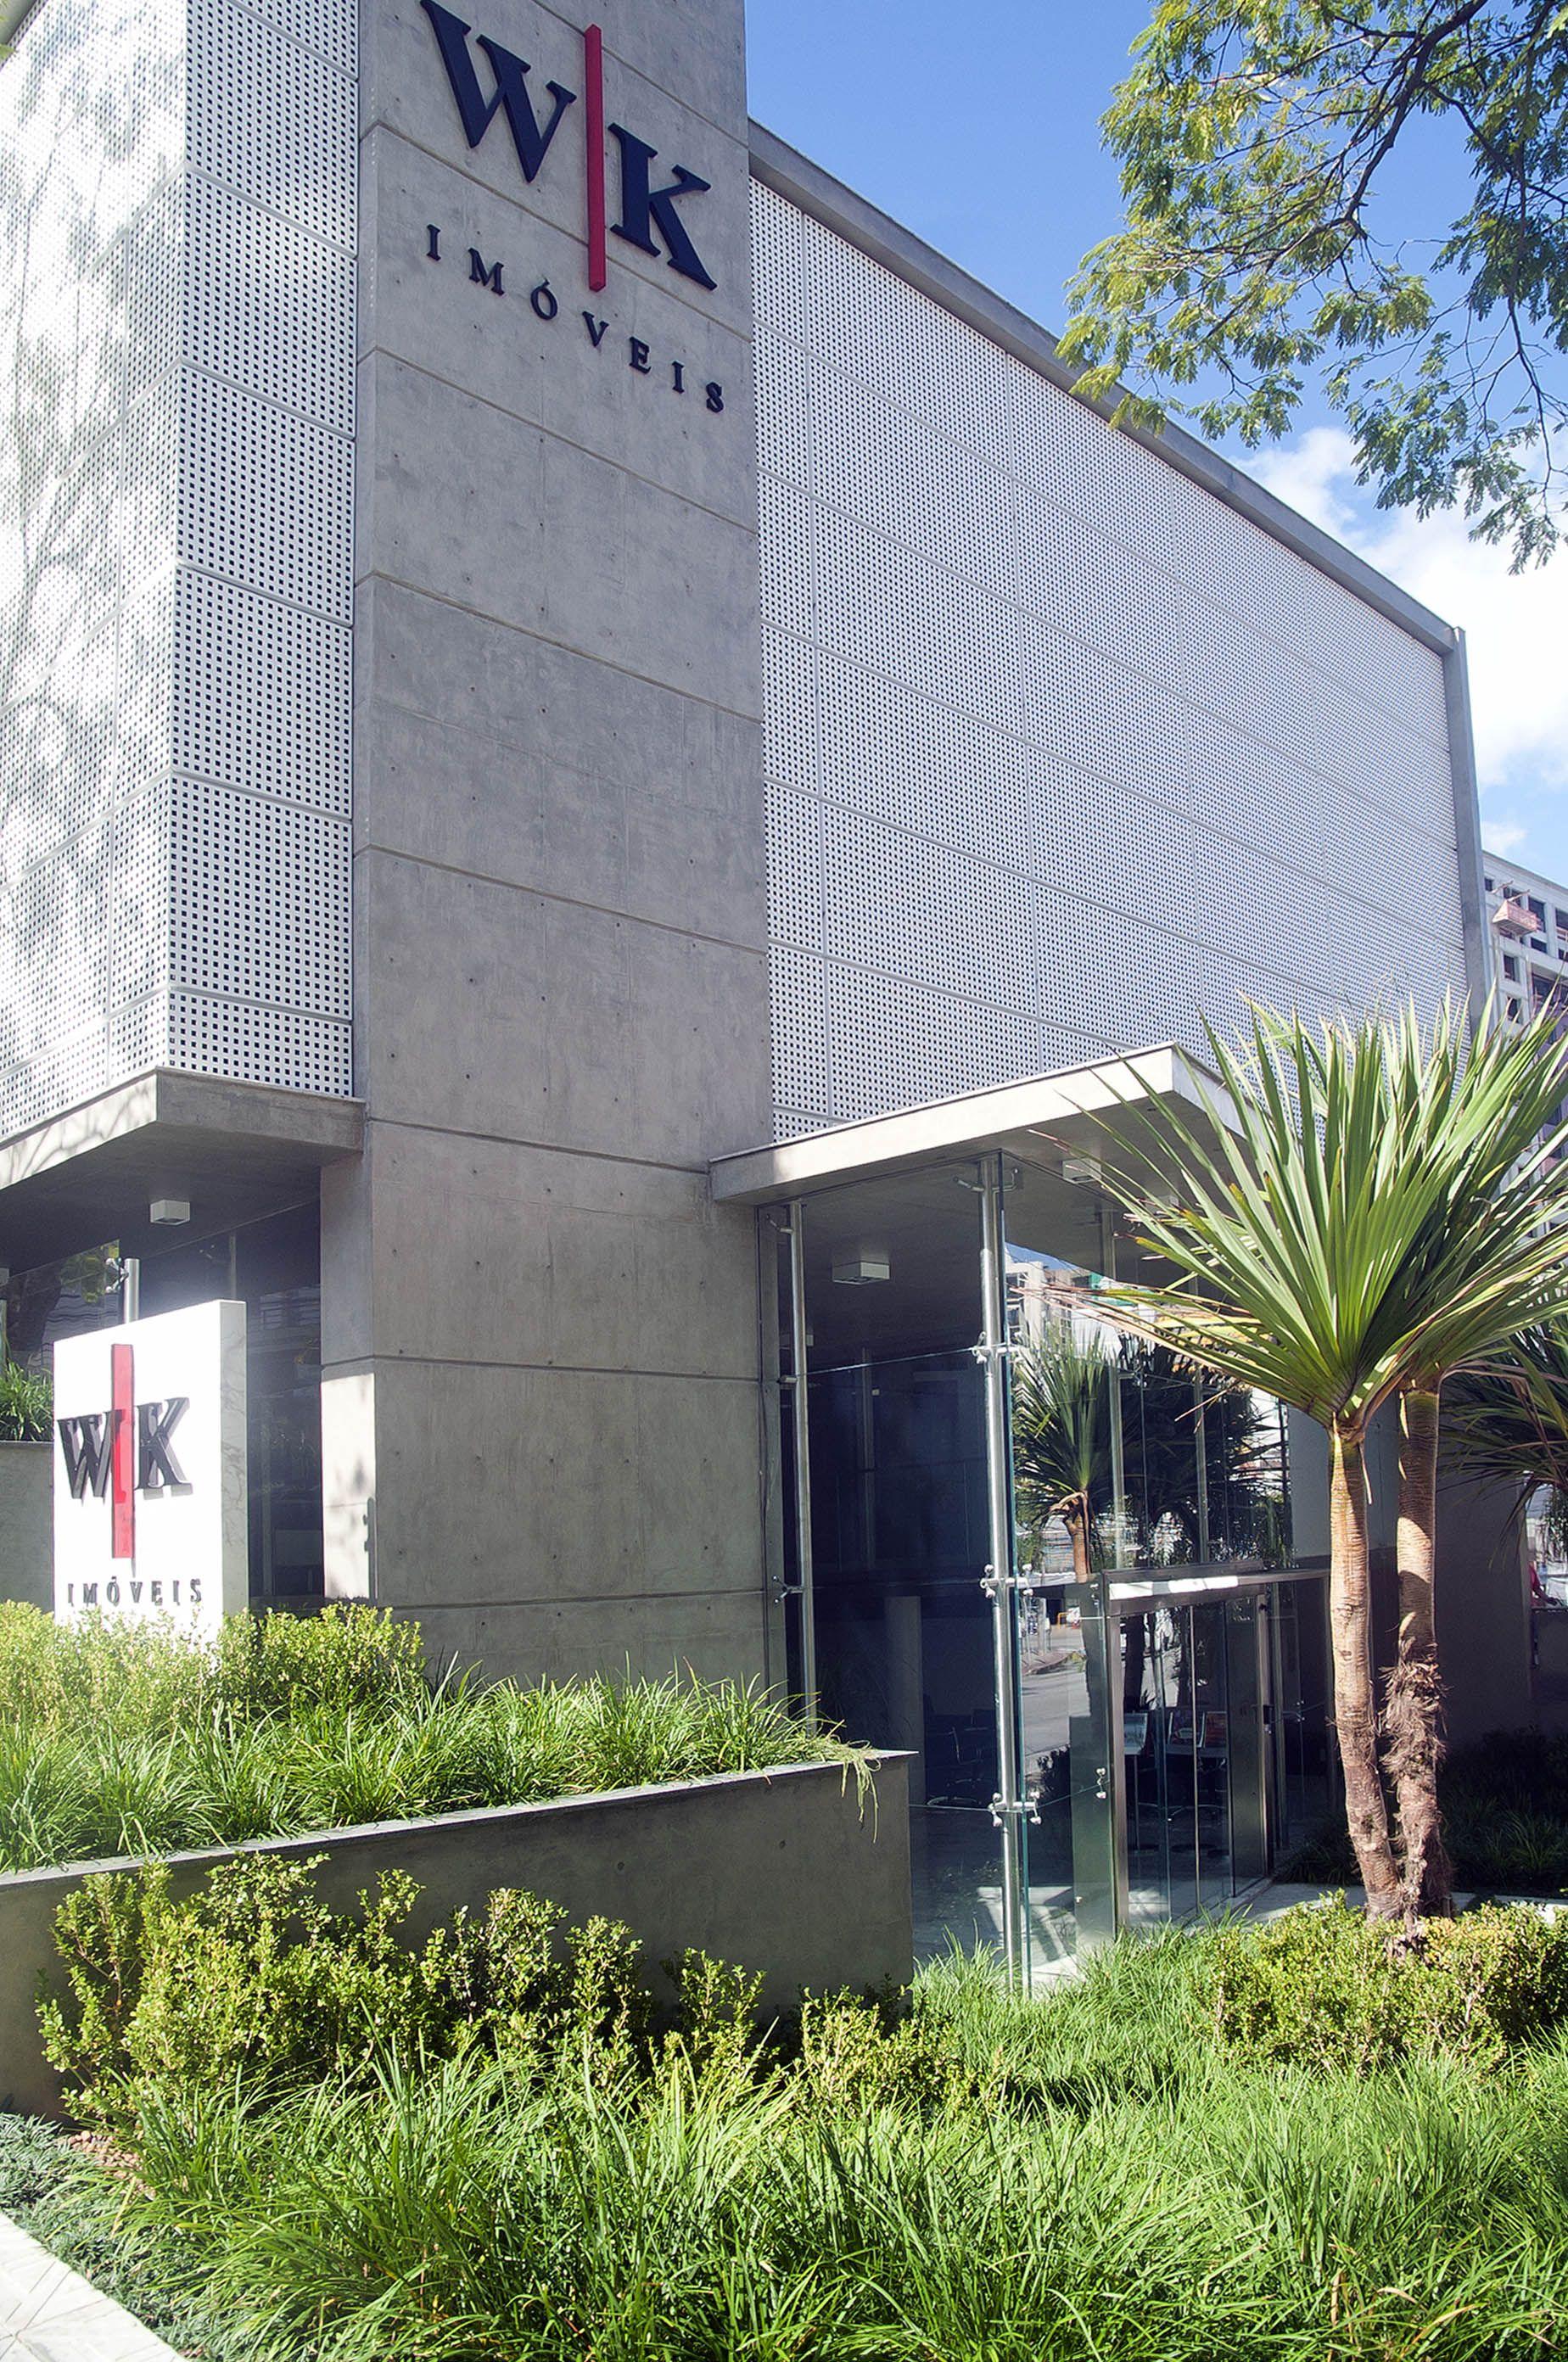 WK Imóveis, Centro, Florianópolis - SC // Projeto em parceria com o Paisagista Baiardotto